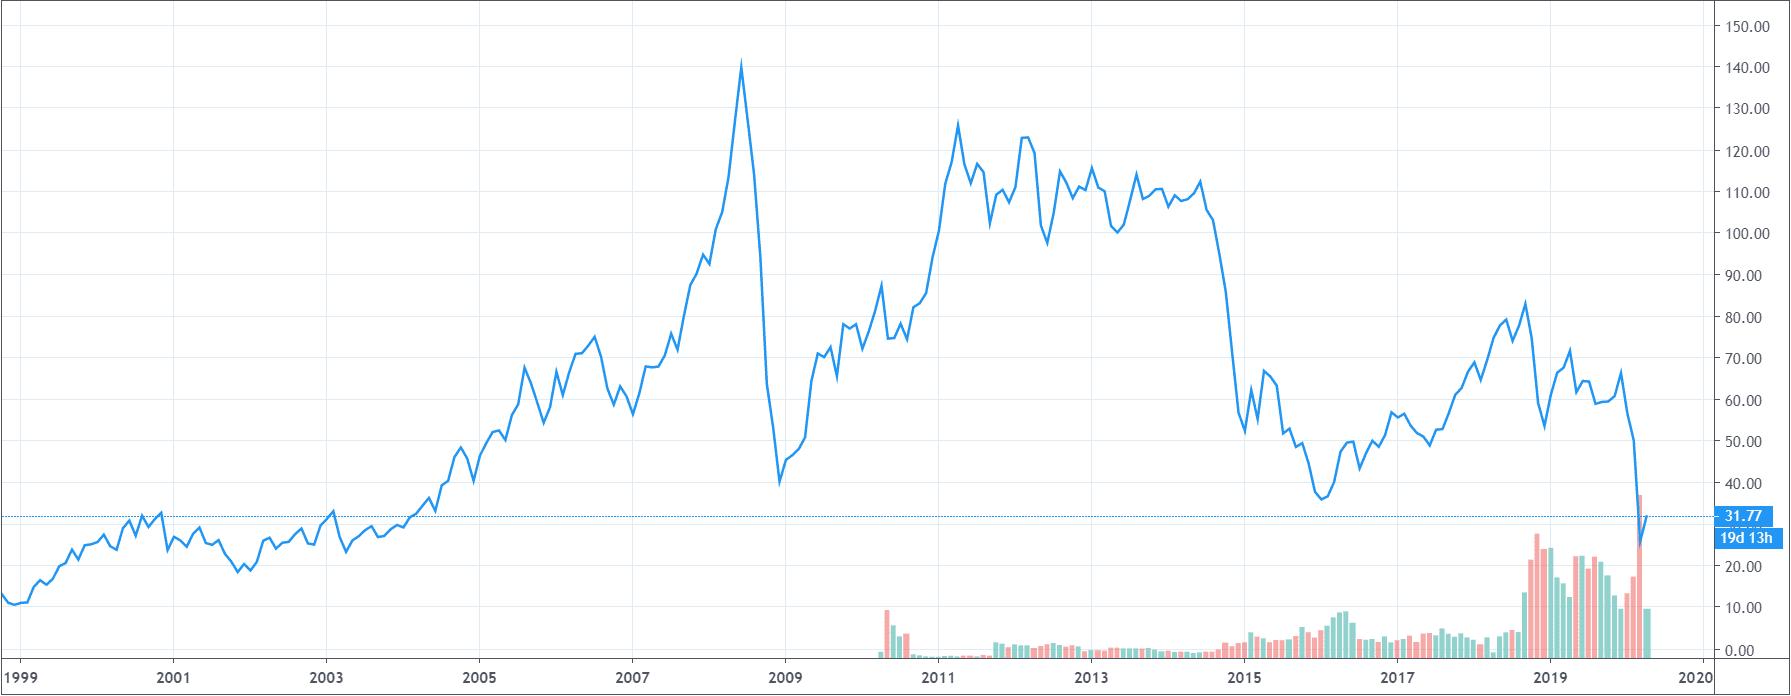 График нефти за 20 лет